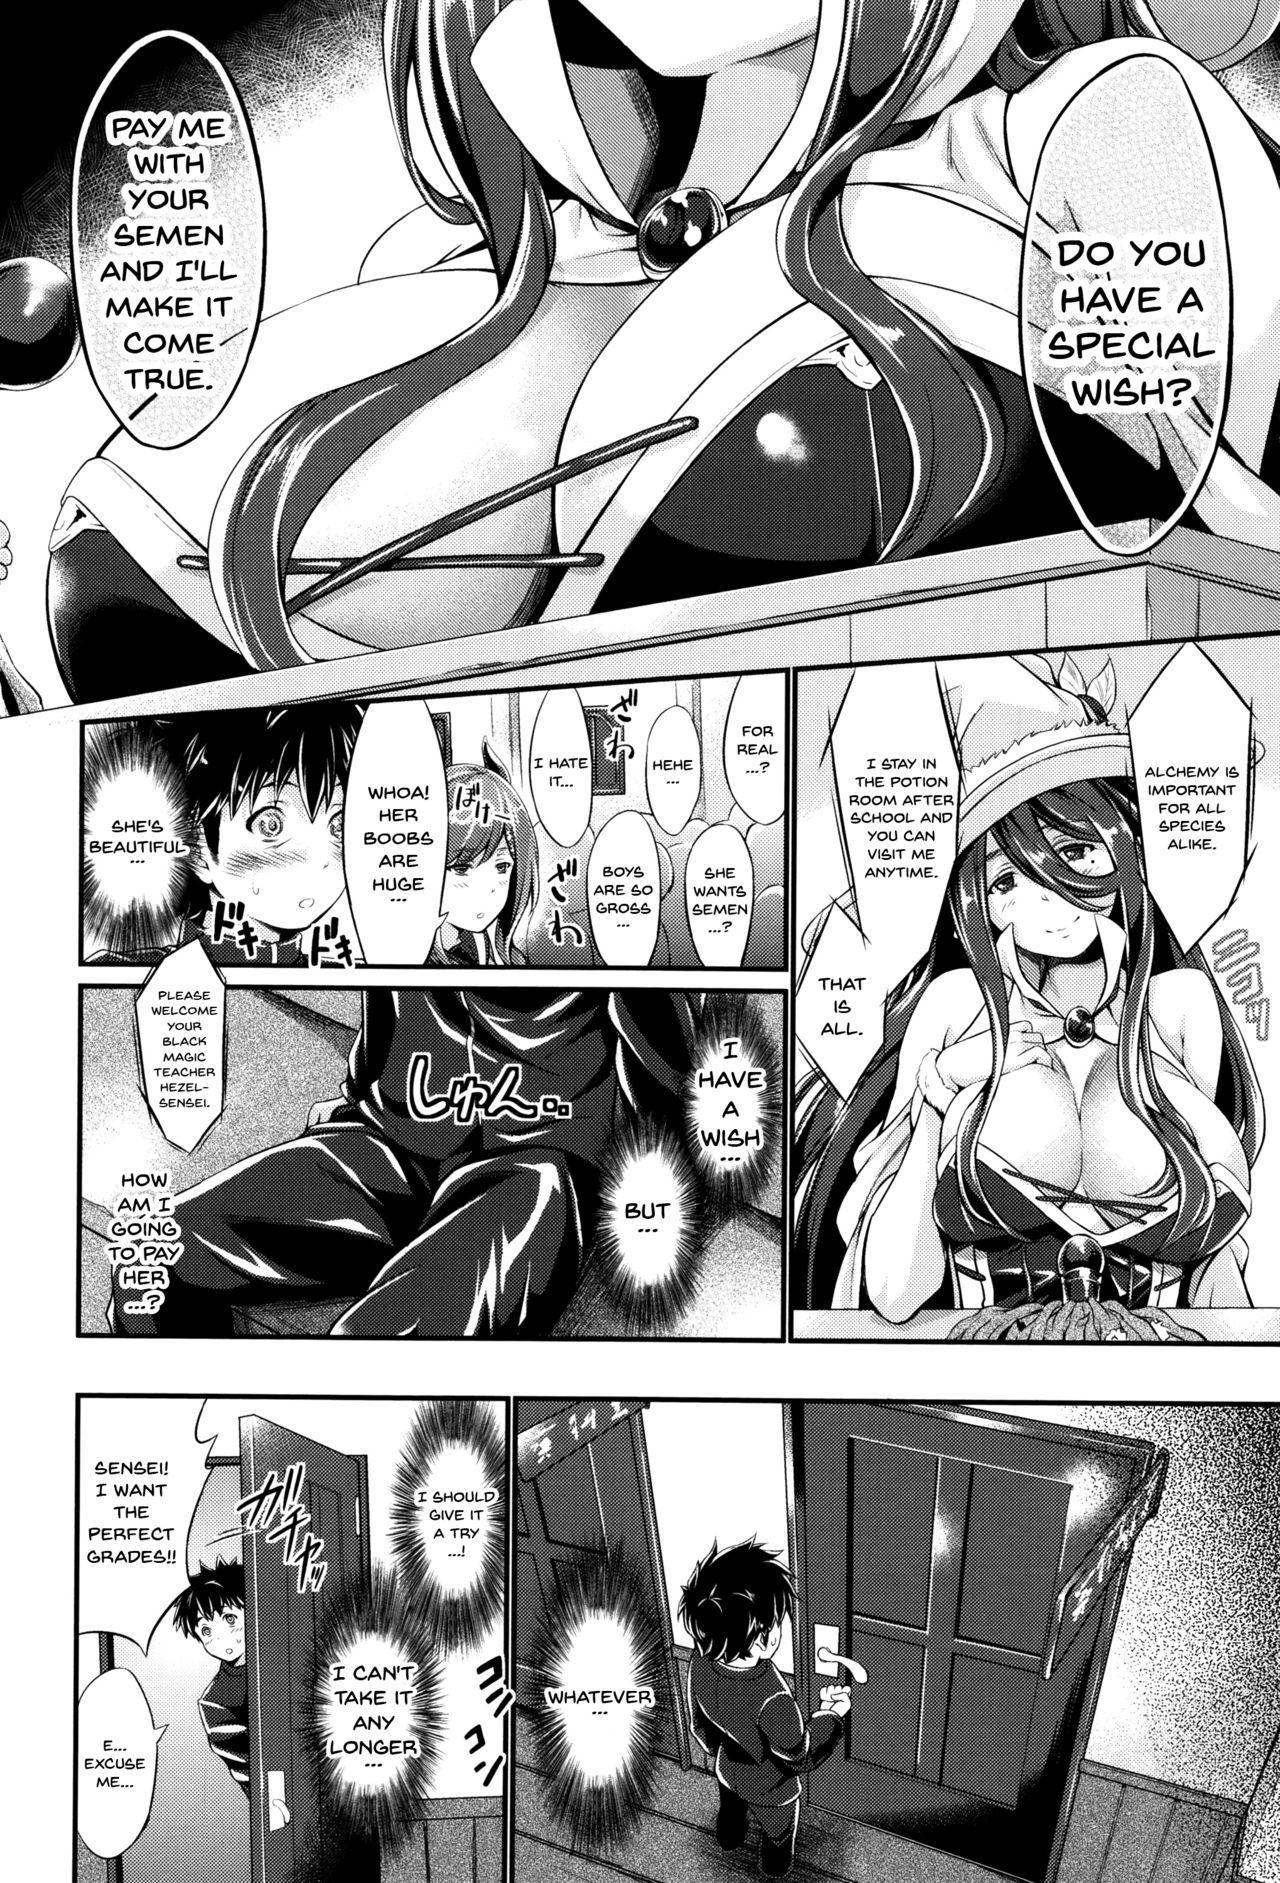 [Kimura Neito] Non-Human Life Ch.1-2 [English] {Doujins.com} 11